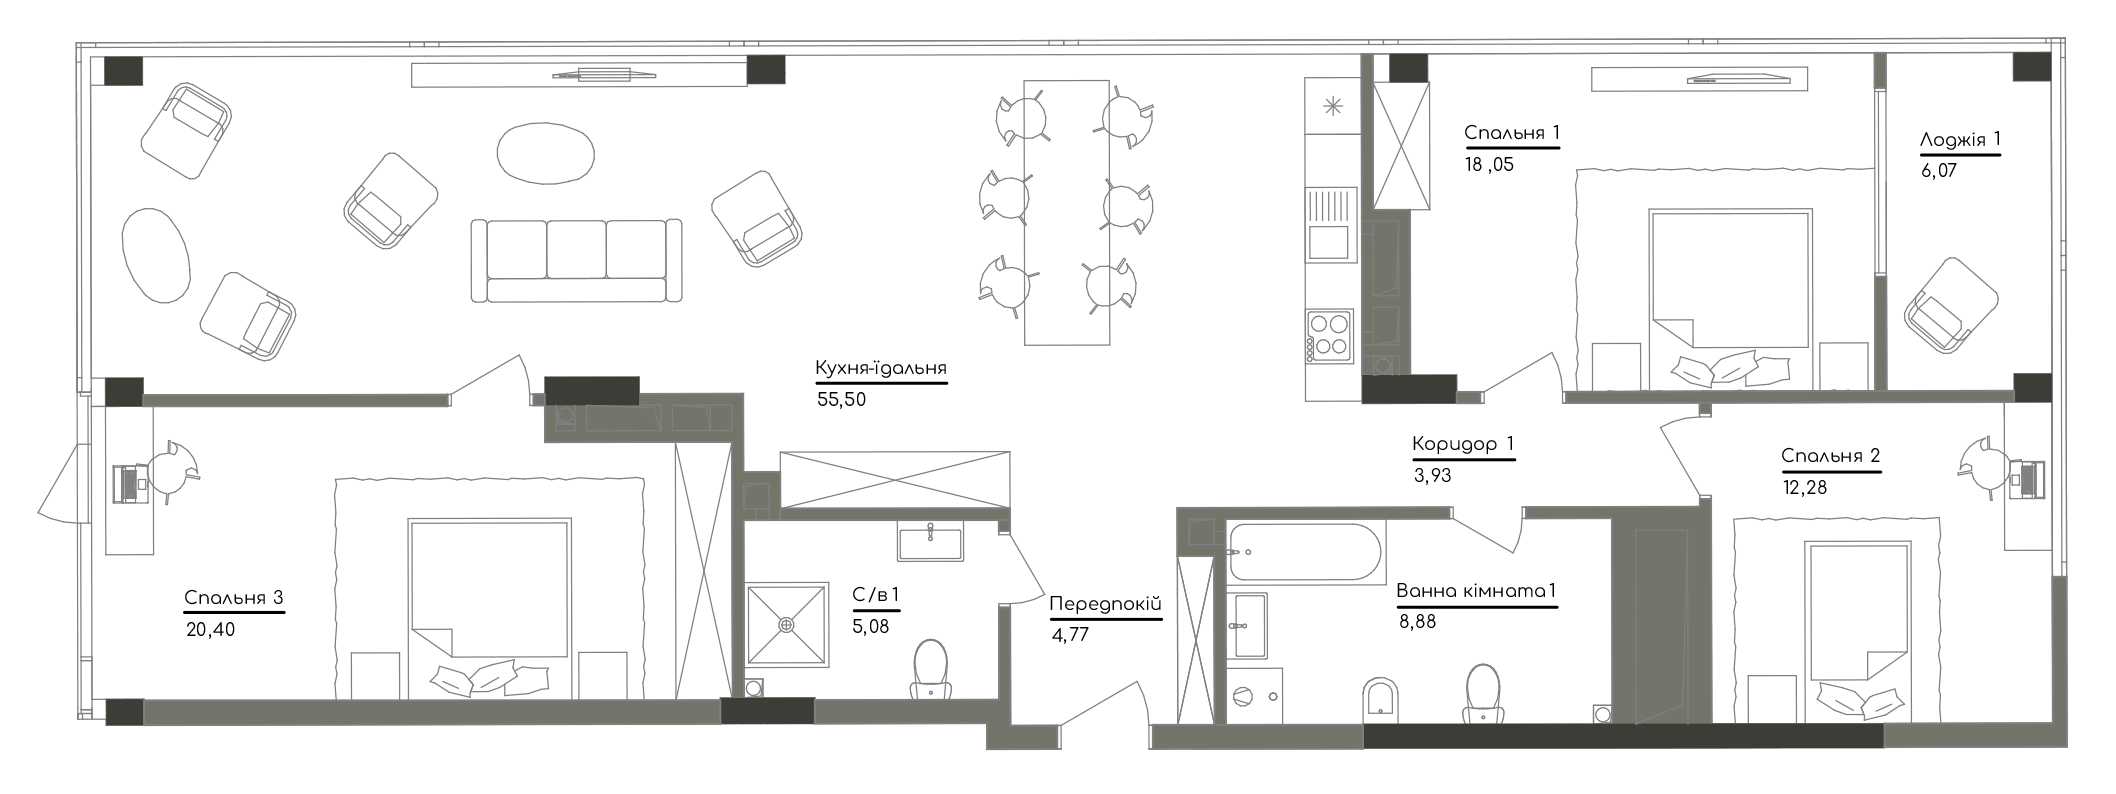 Квартира KV_98_3C_1_1_6